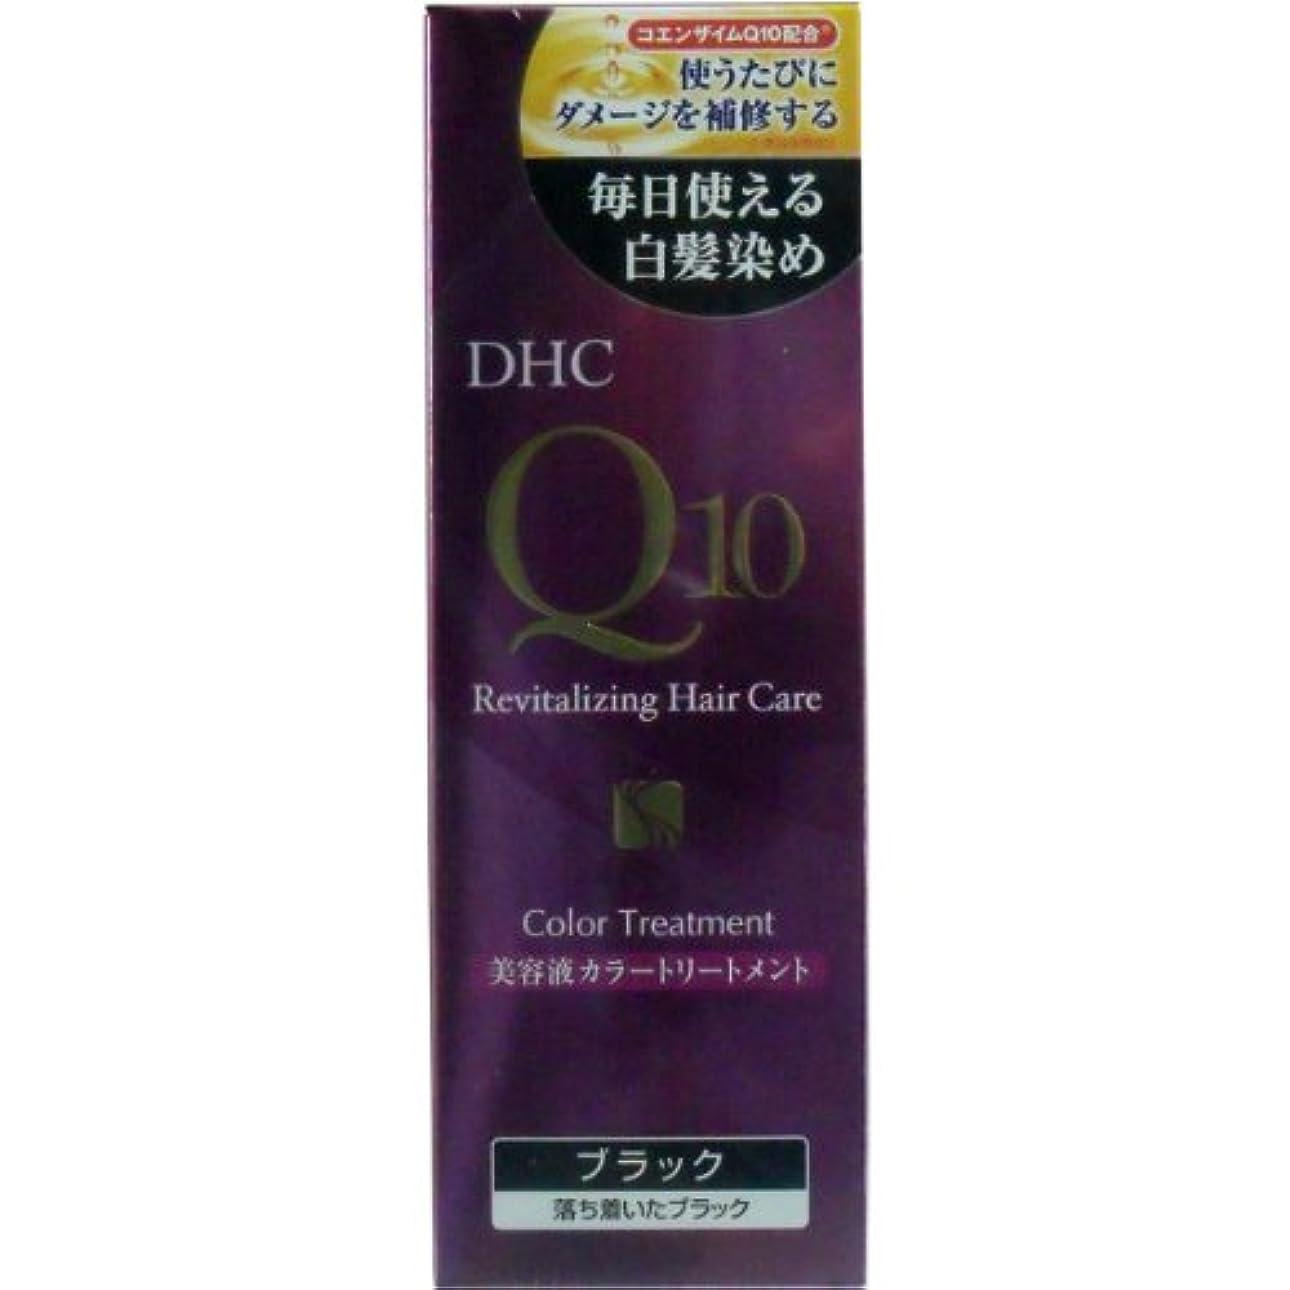 普遍的な故国不利益DHC Q10美容液 カラートリートメント ブラック 170g